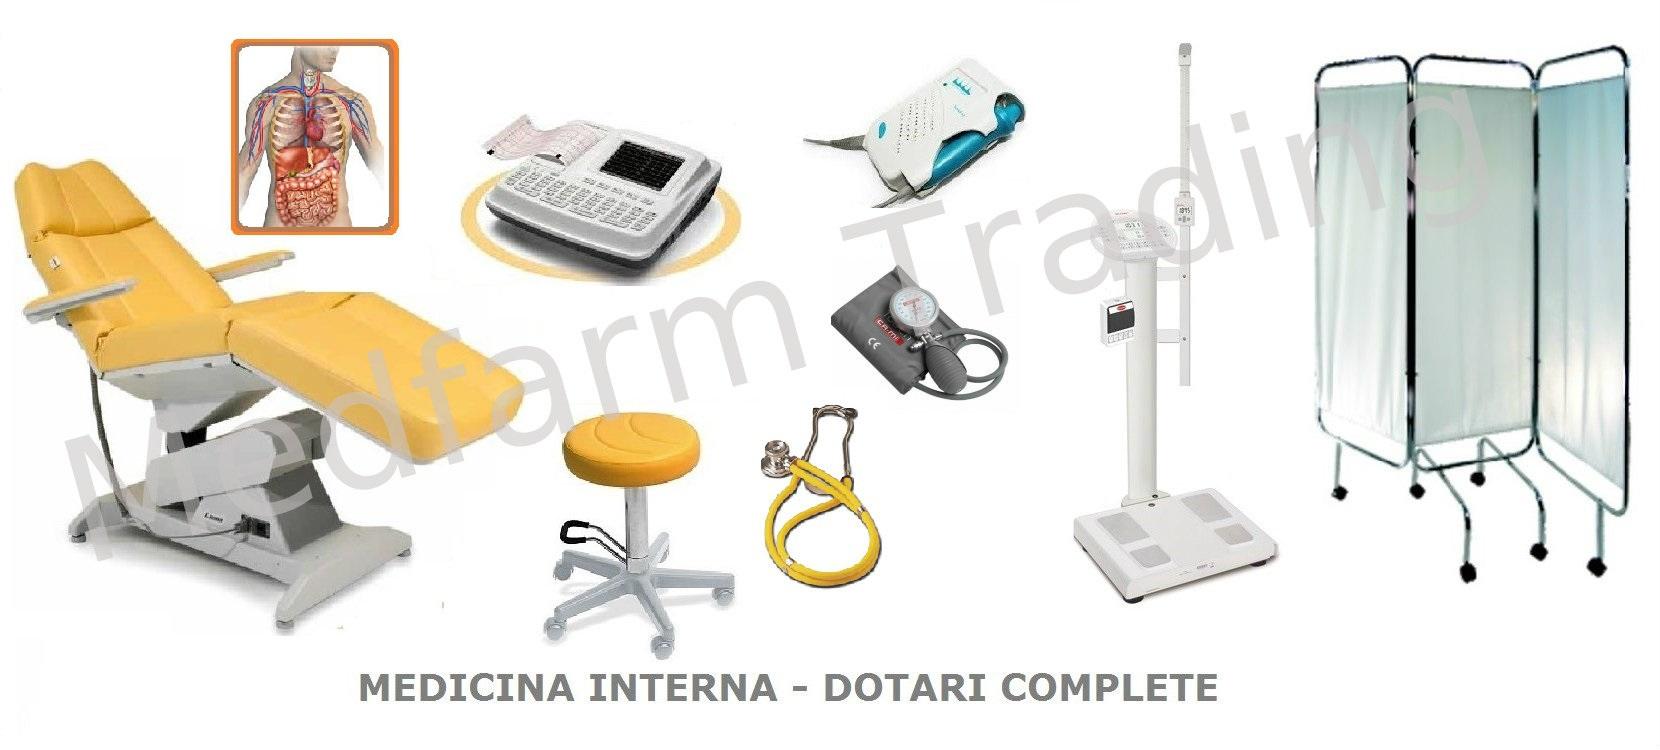 000a04-dotare cabinete medicina interna